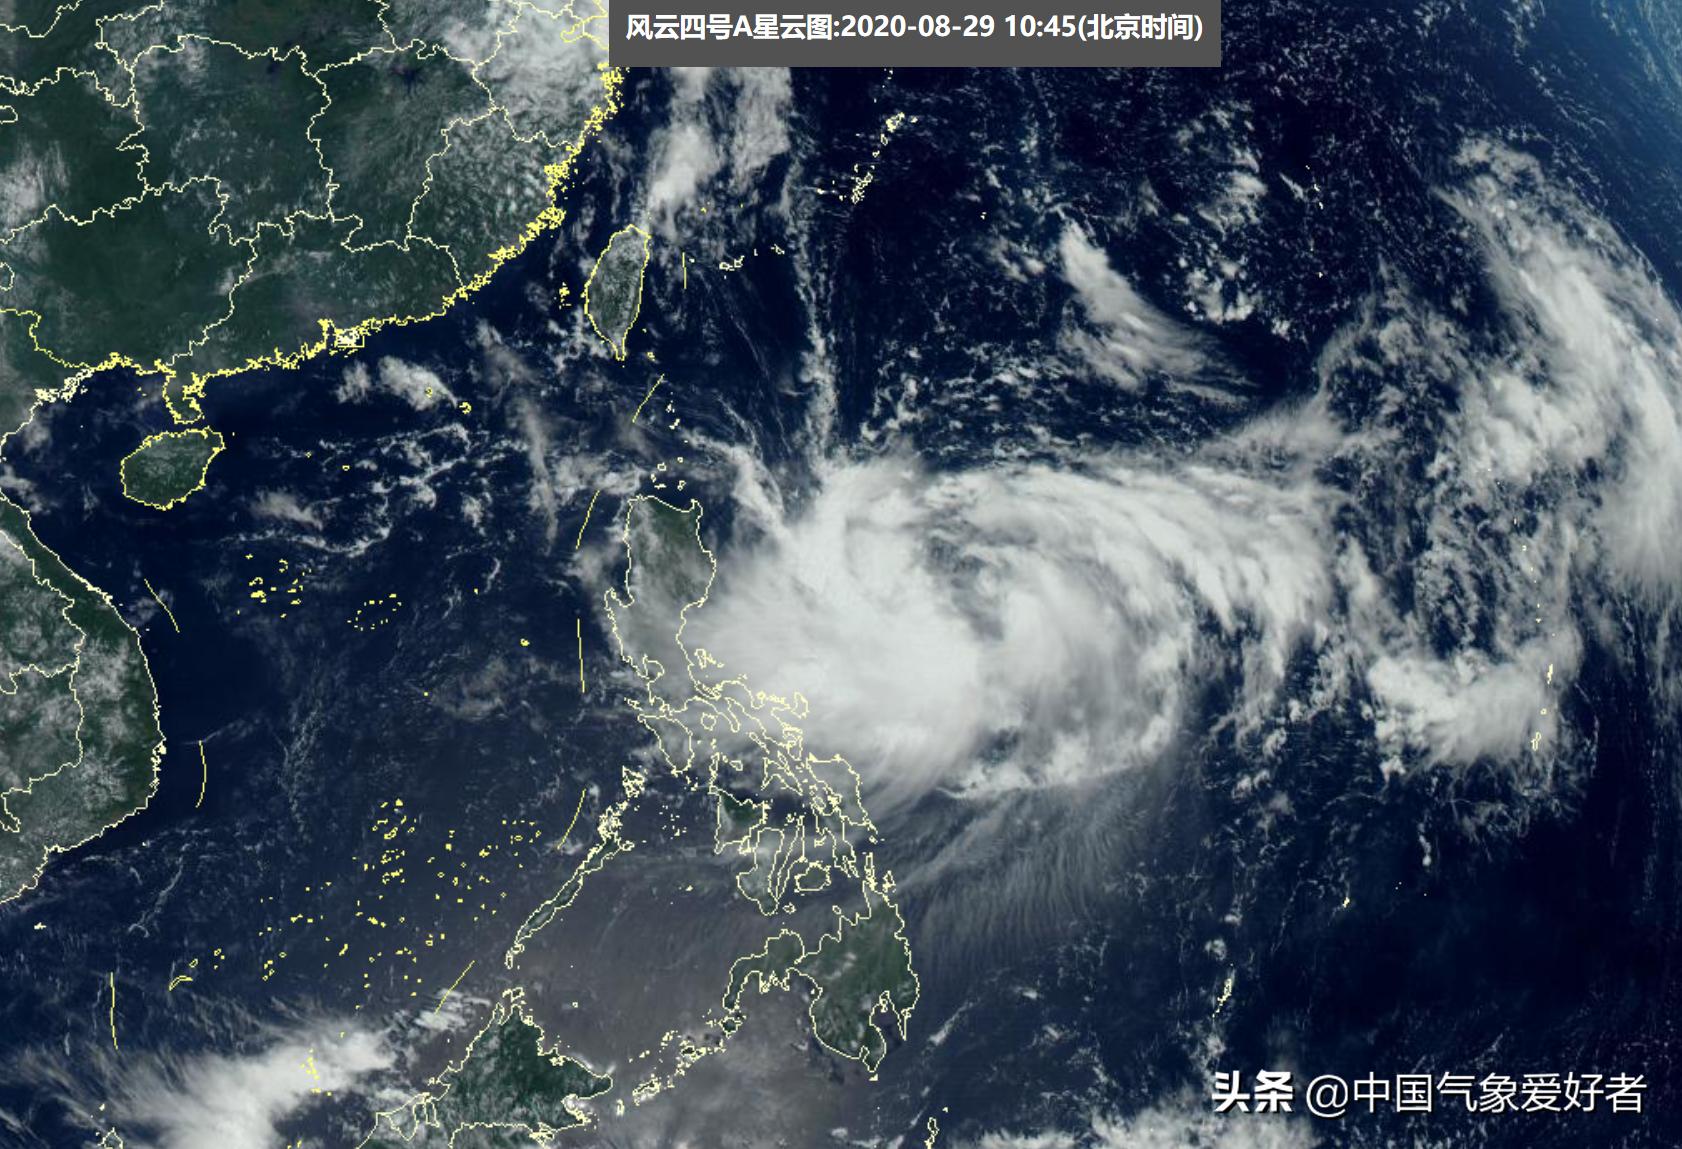 """美莎克持续收紧,有""""风王""""之势?权威预报:将成16级超强台风"""